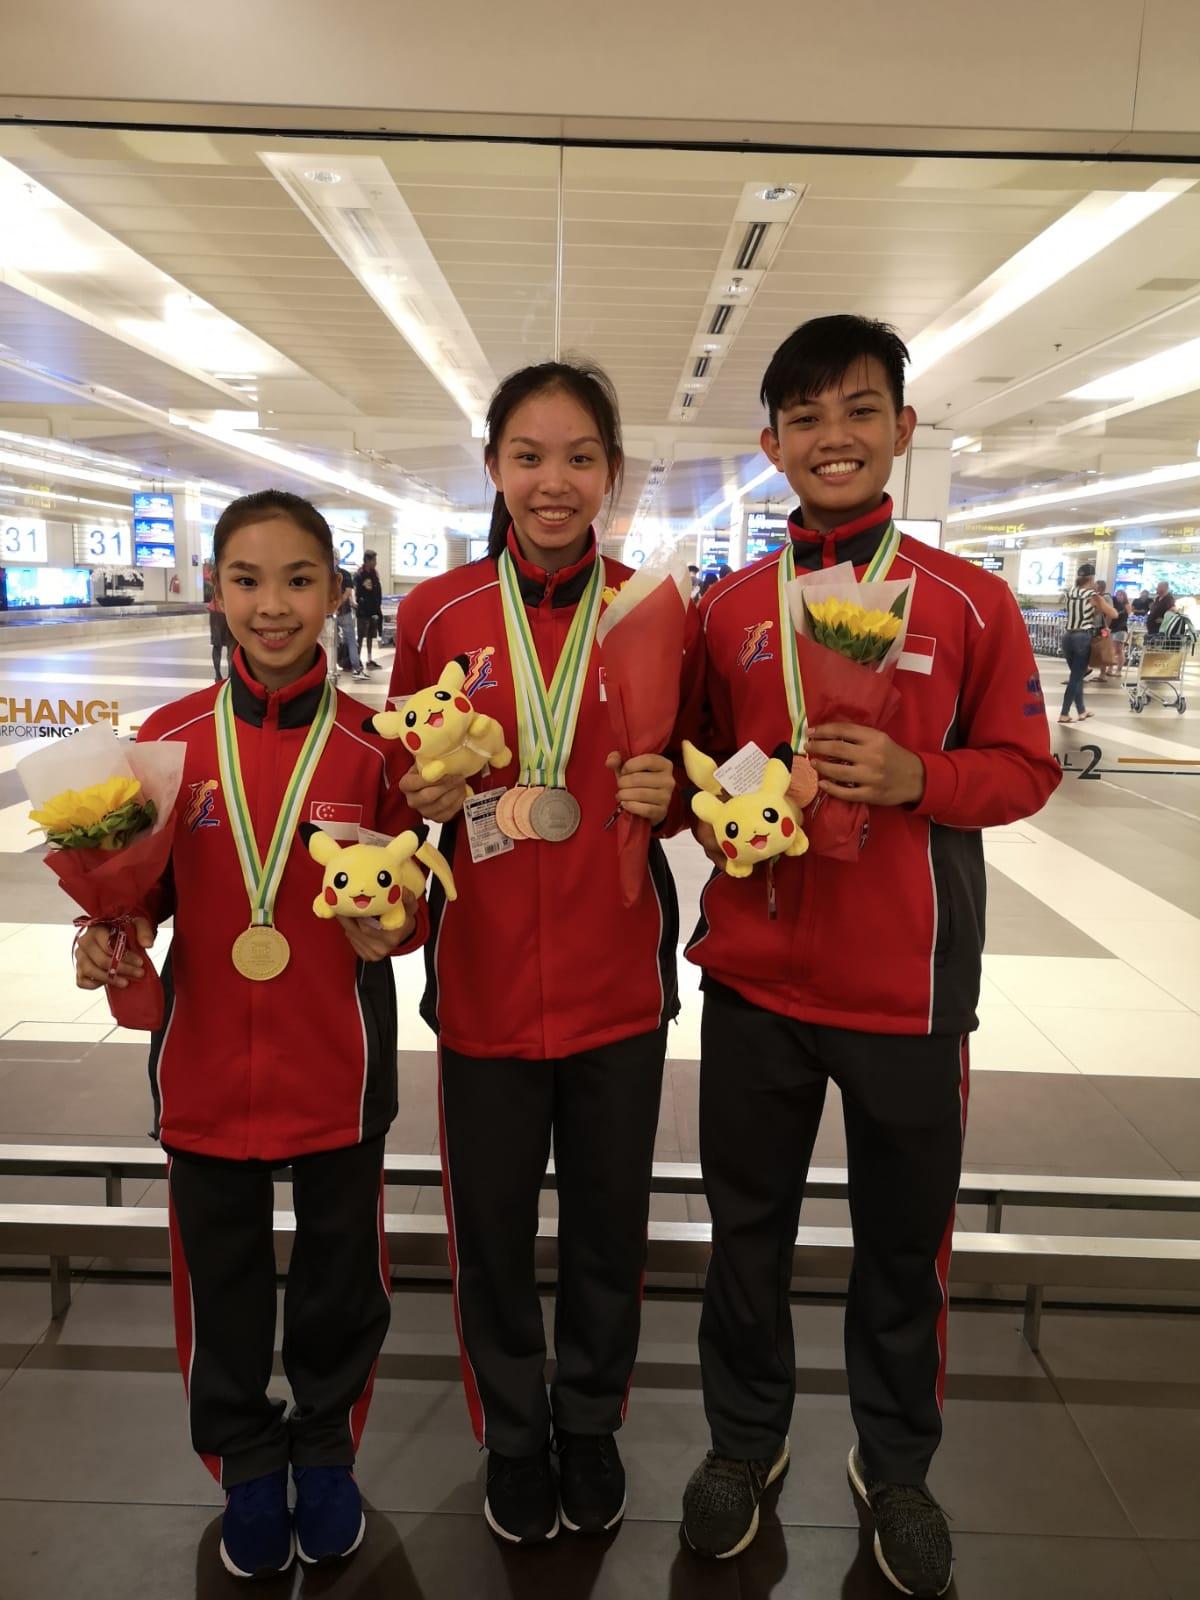 Heidi, Yin Shuen, Nicholas